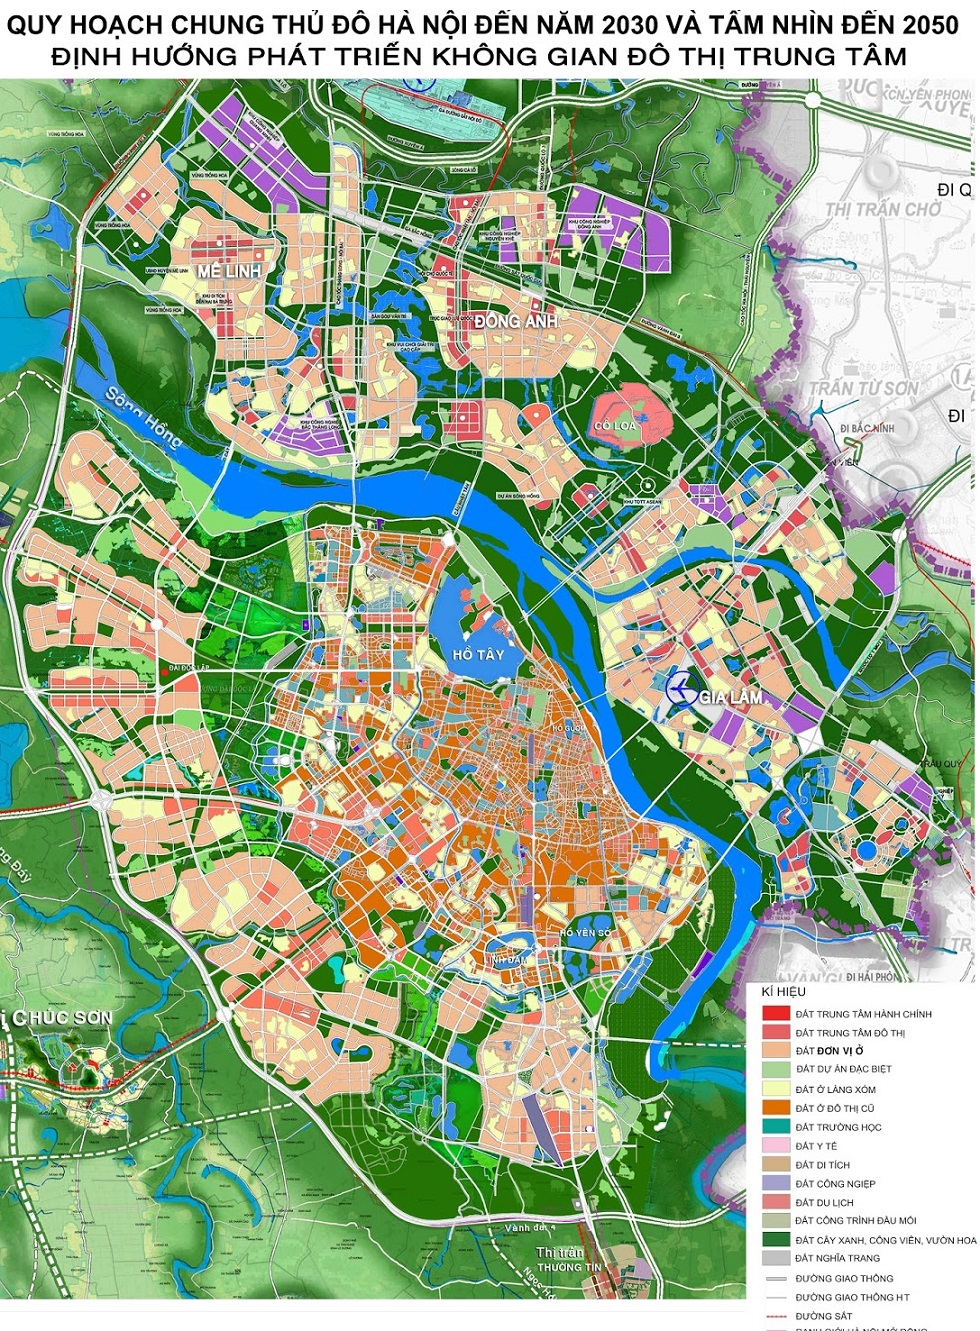 Quy hoạch Hà Nội đến năm 2030 và tầm nhìn 2050